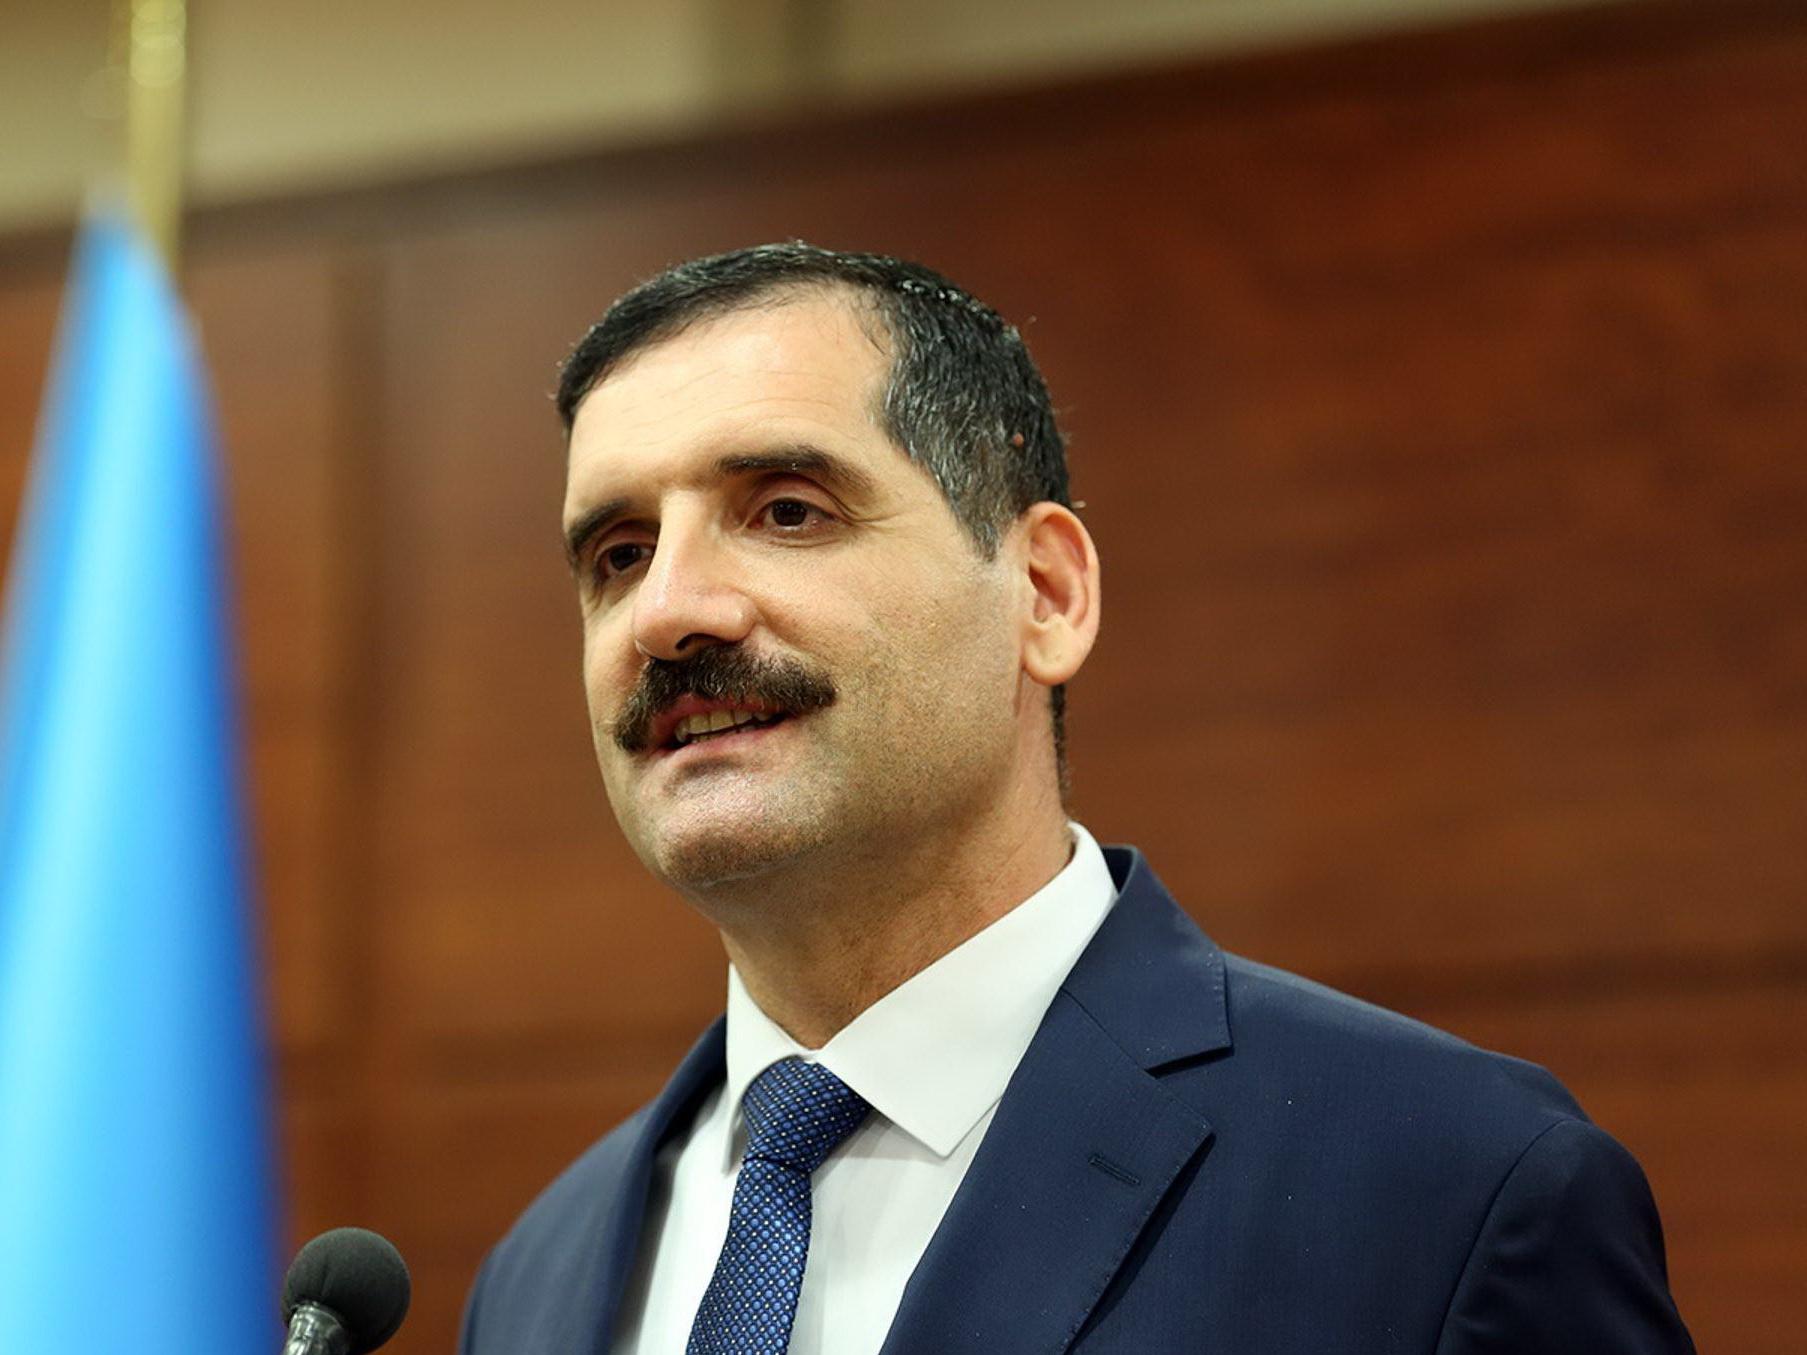 Посол Турции: Желаю, чтобы Карабах в ближайшее время был освобожден от оккупации